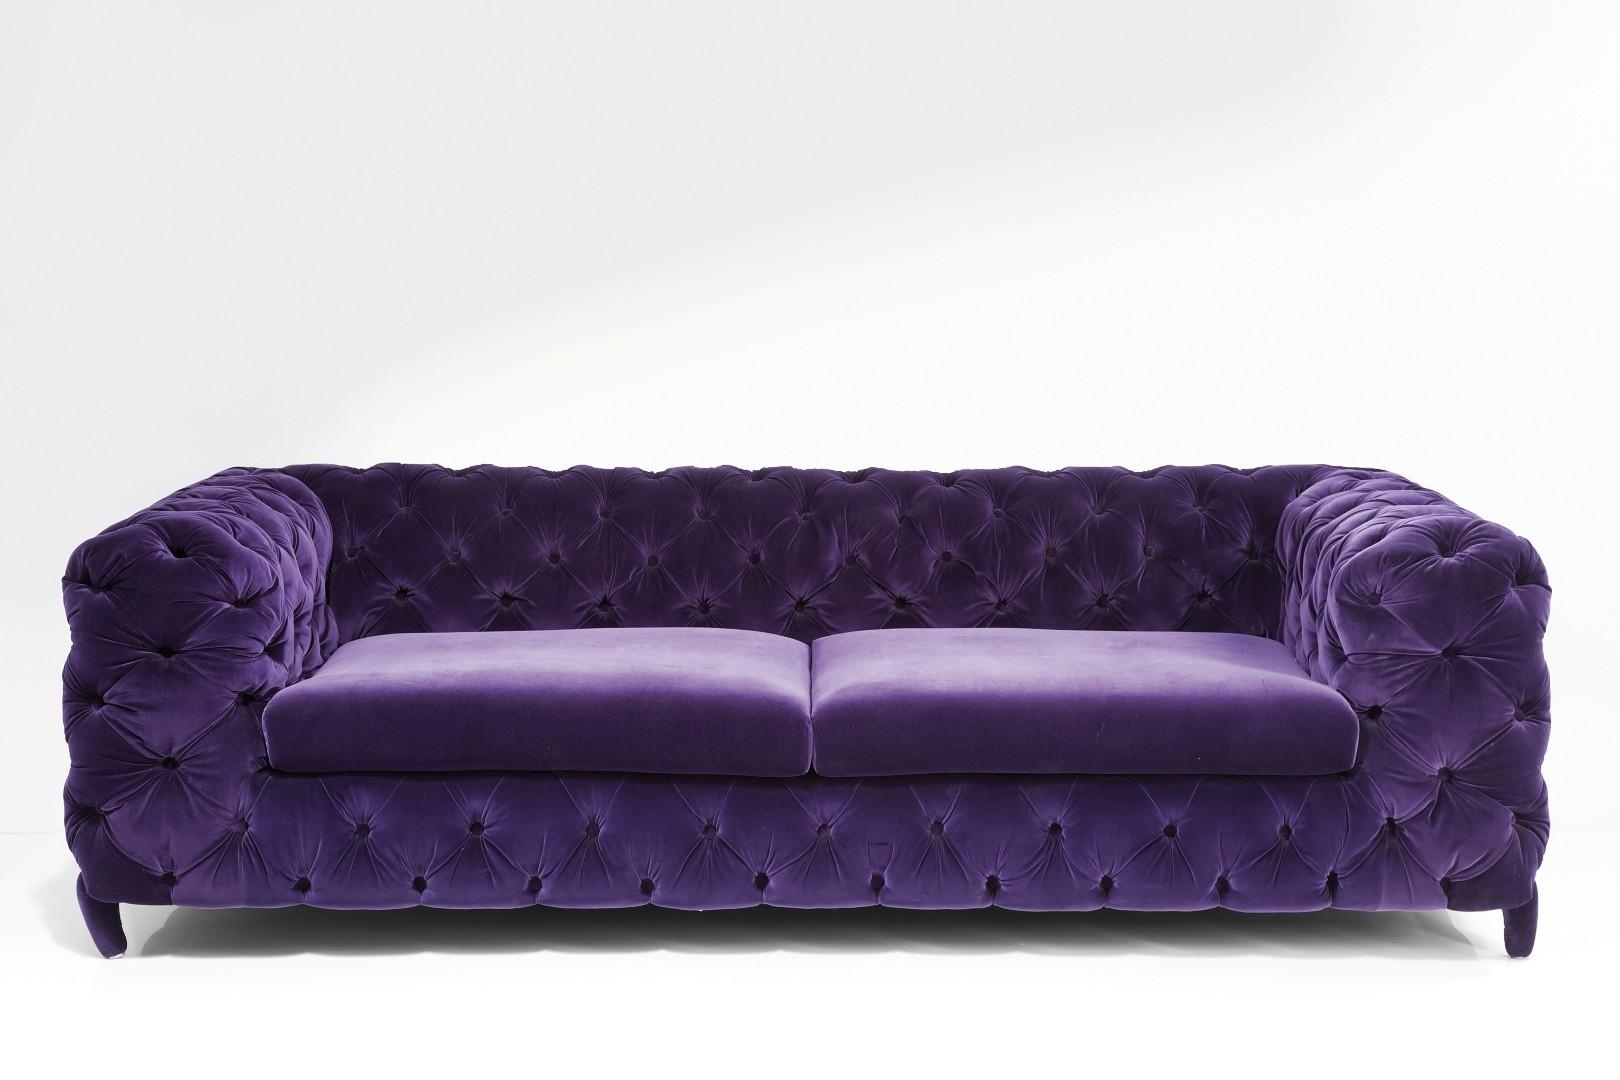 Sofas Center : Purple Sleeper Sofa Velvet Sofapurple Queenpurple Inside Velvet Purple Sofas (Image 19 of 20)